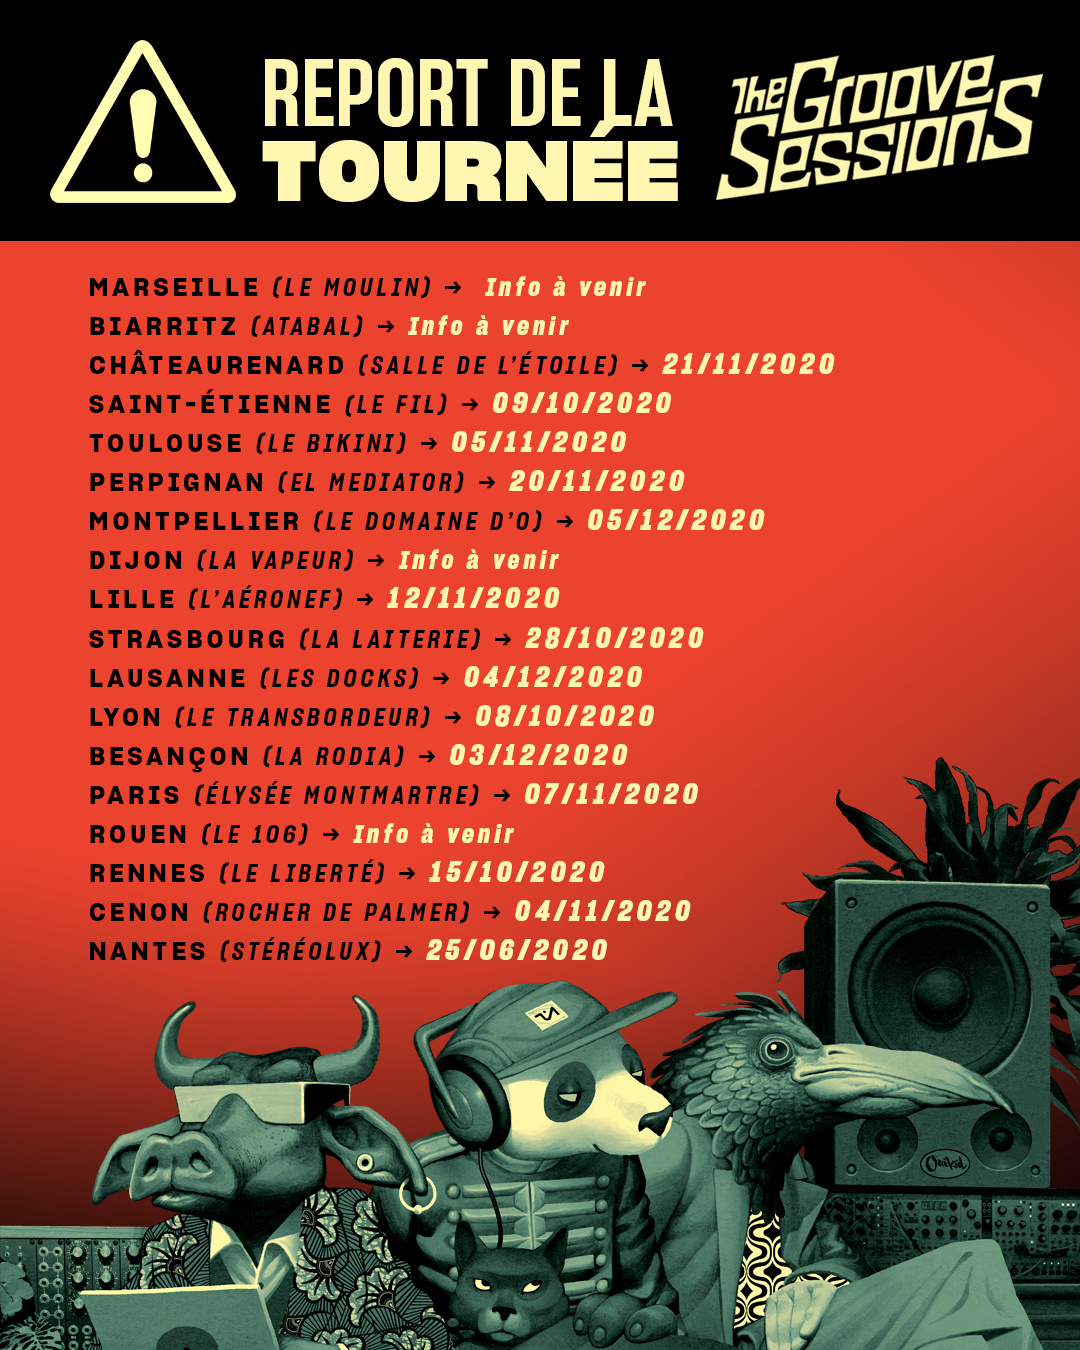 Annonce des dates de report pour la tournée The Groove Session live 2020